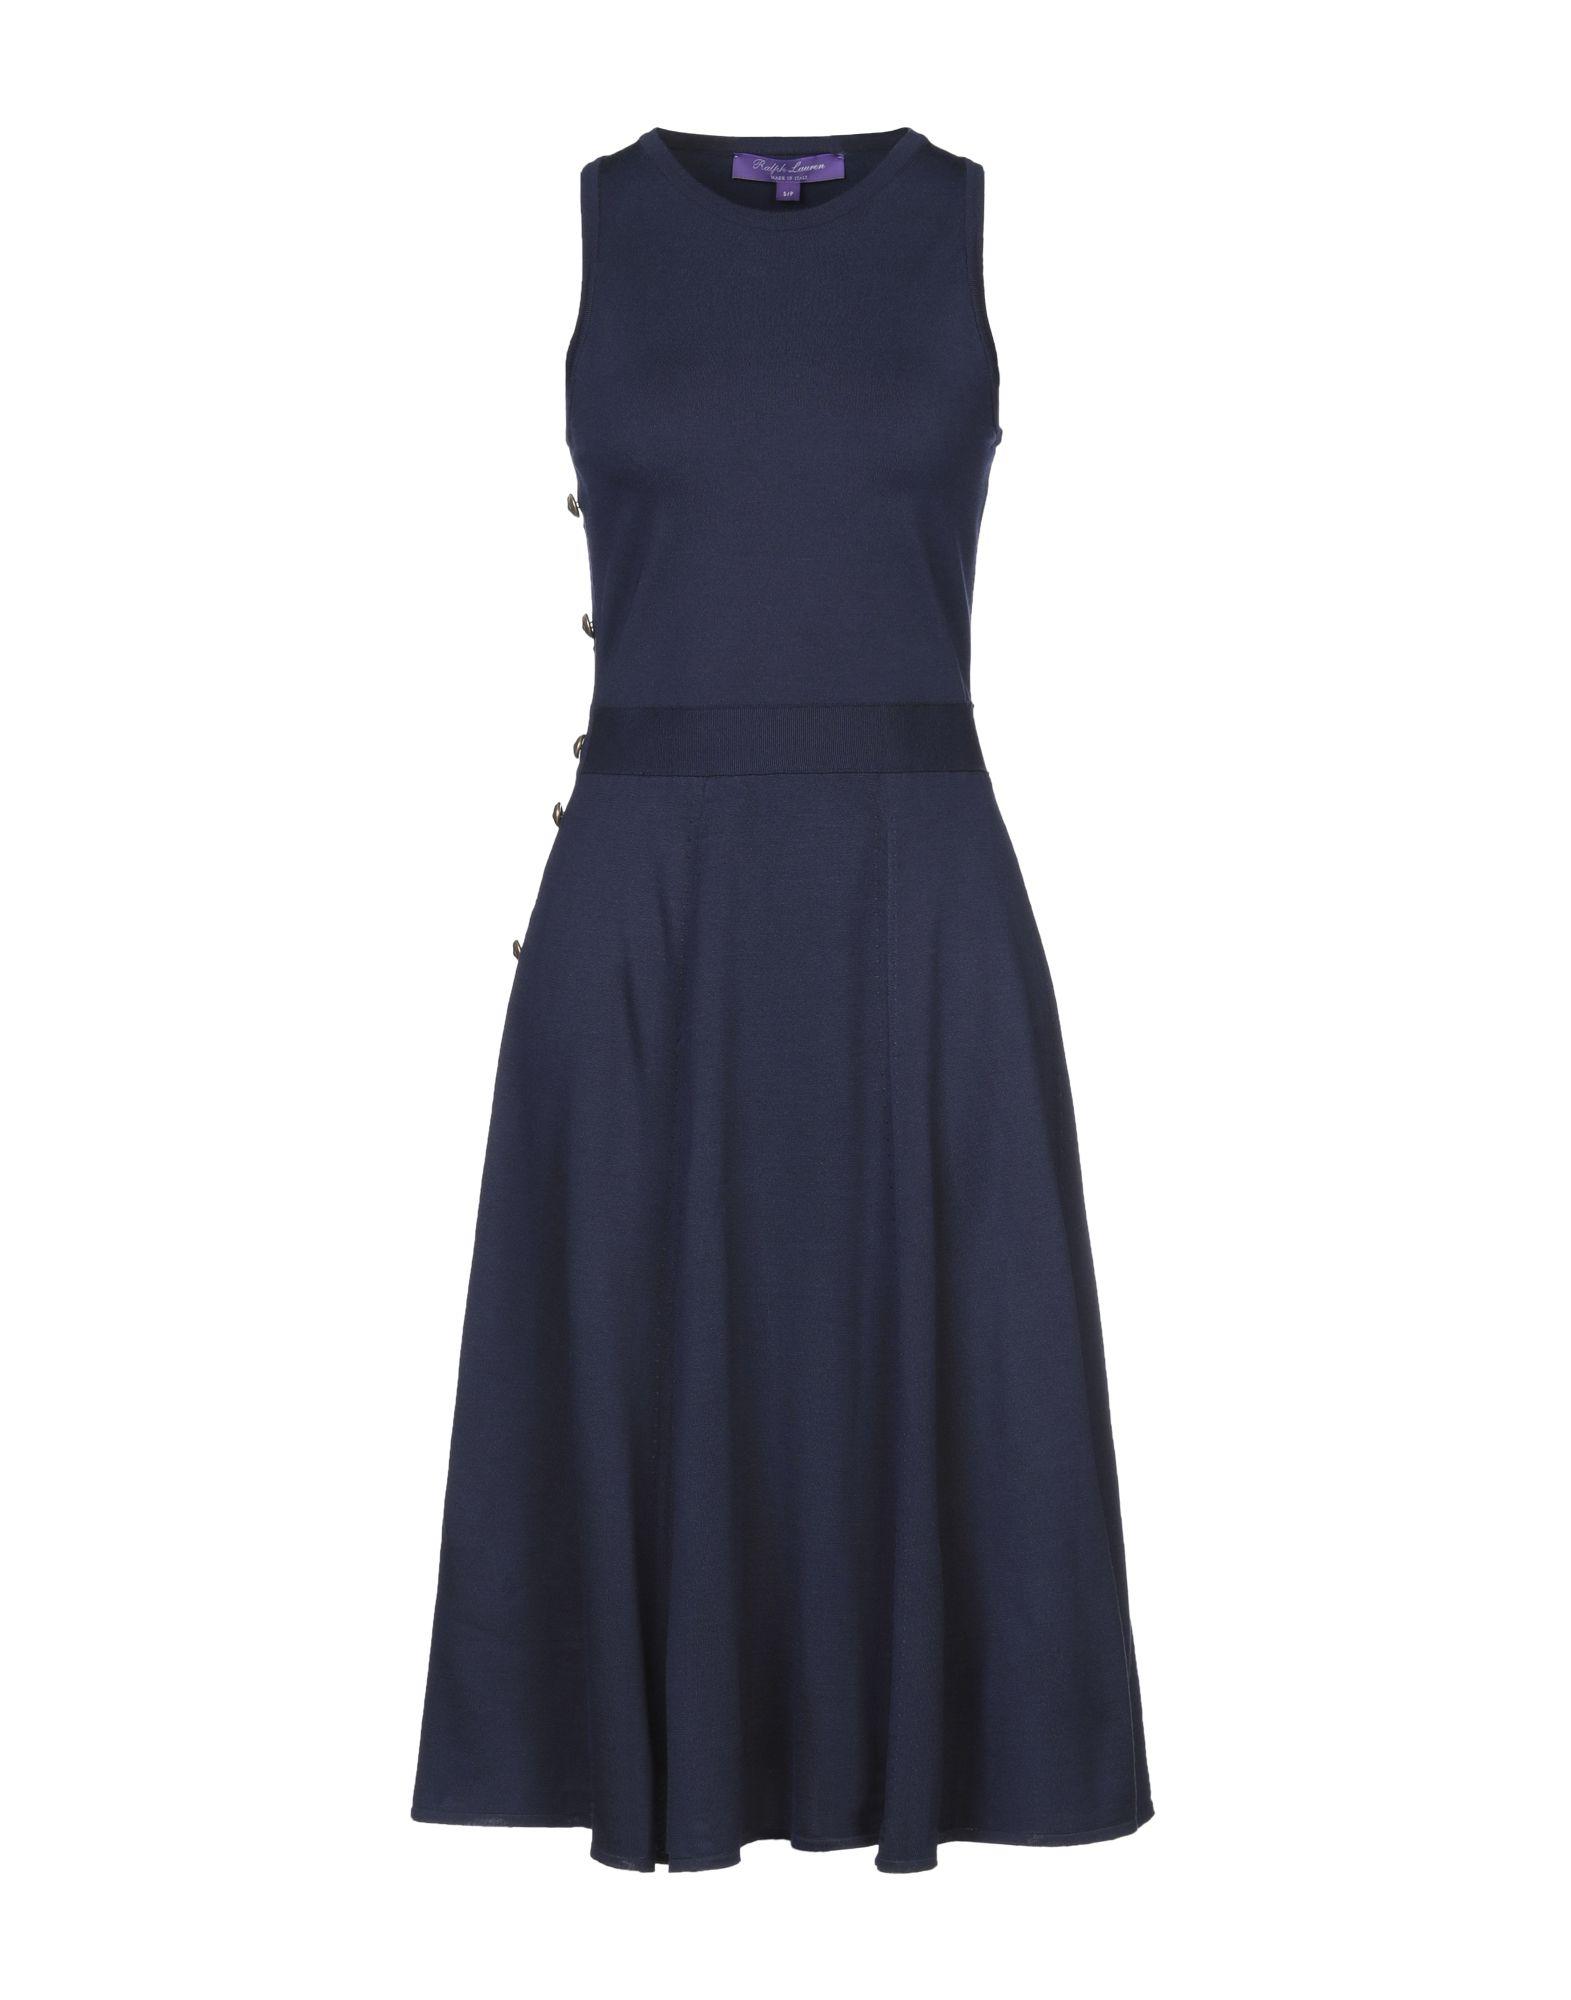 Фото - RALPH LAUREN COLLECTION Платье длиной 3/4 ralph lauren collection юбка длиной 3 4